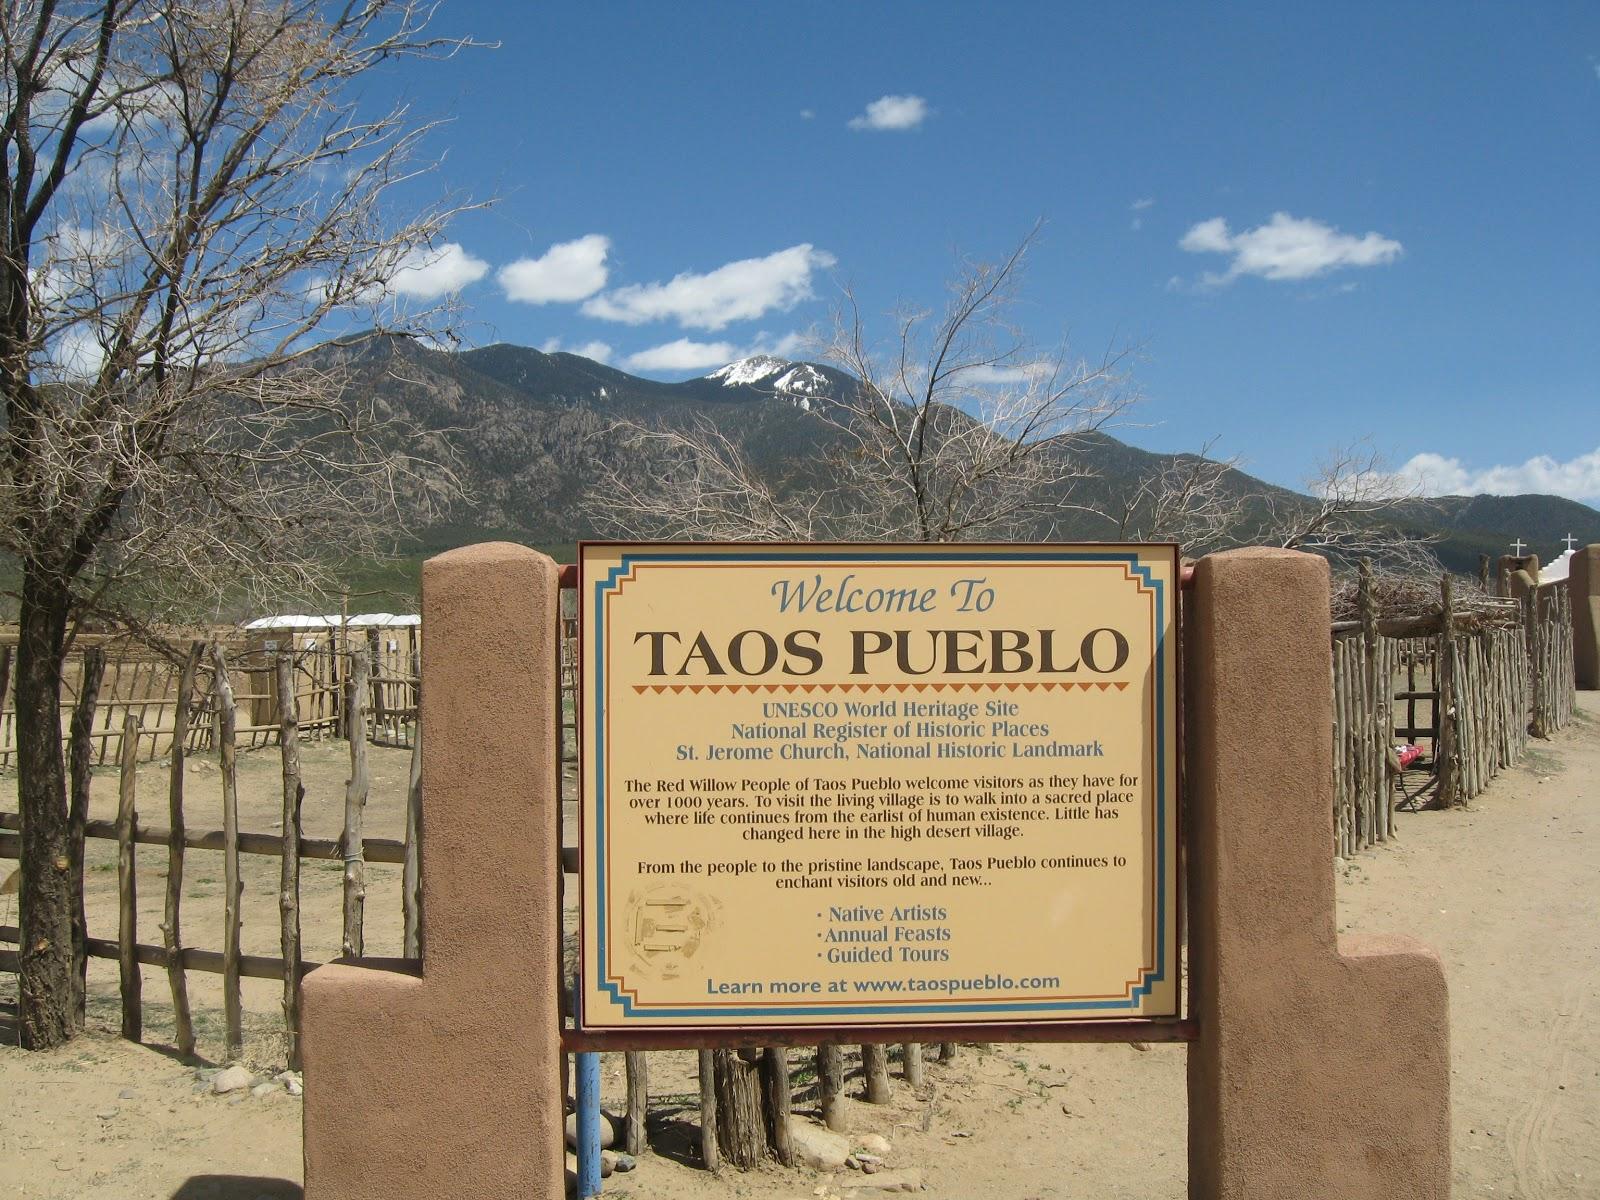 Taos pueblo casino casino bus tours + houston